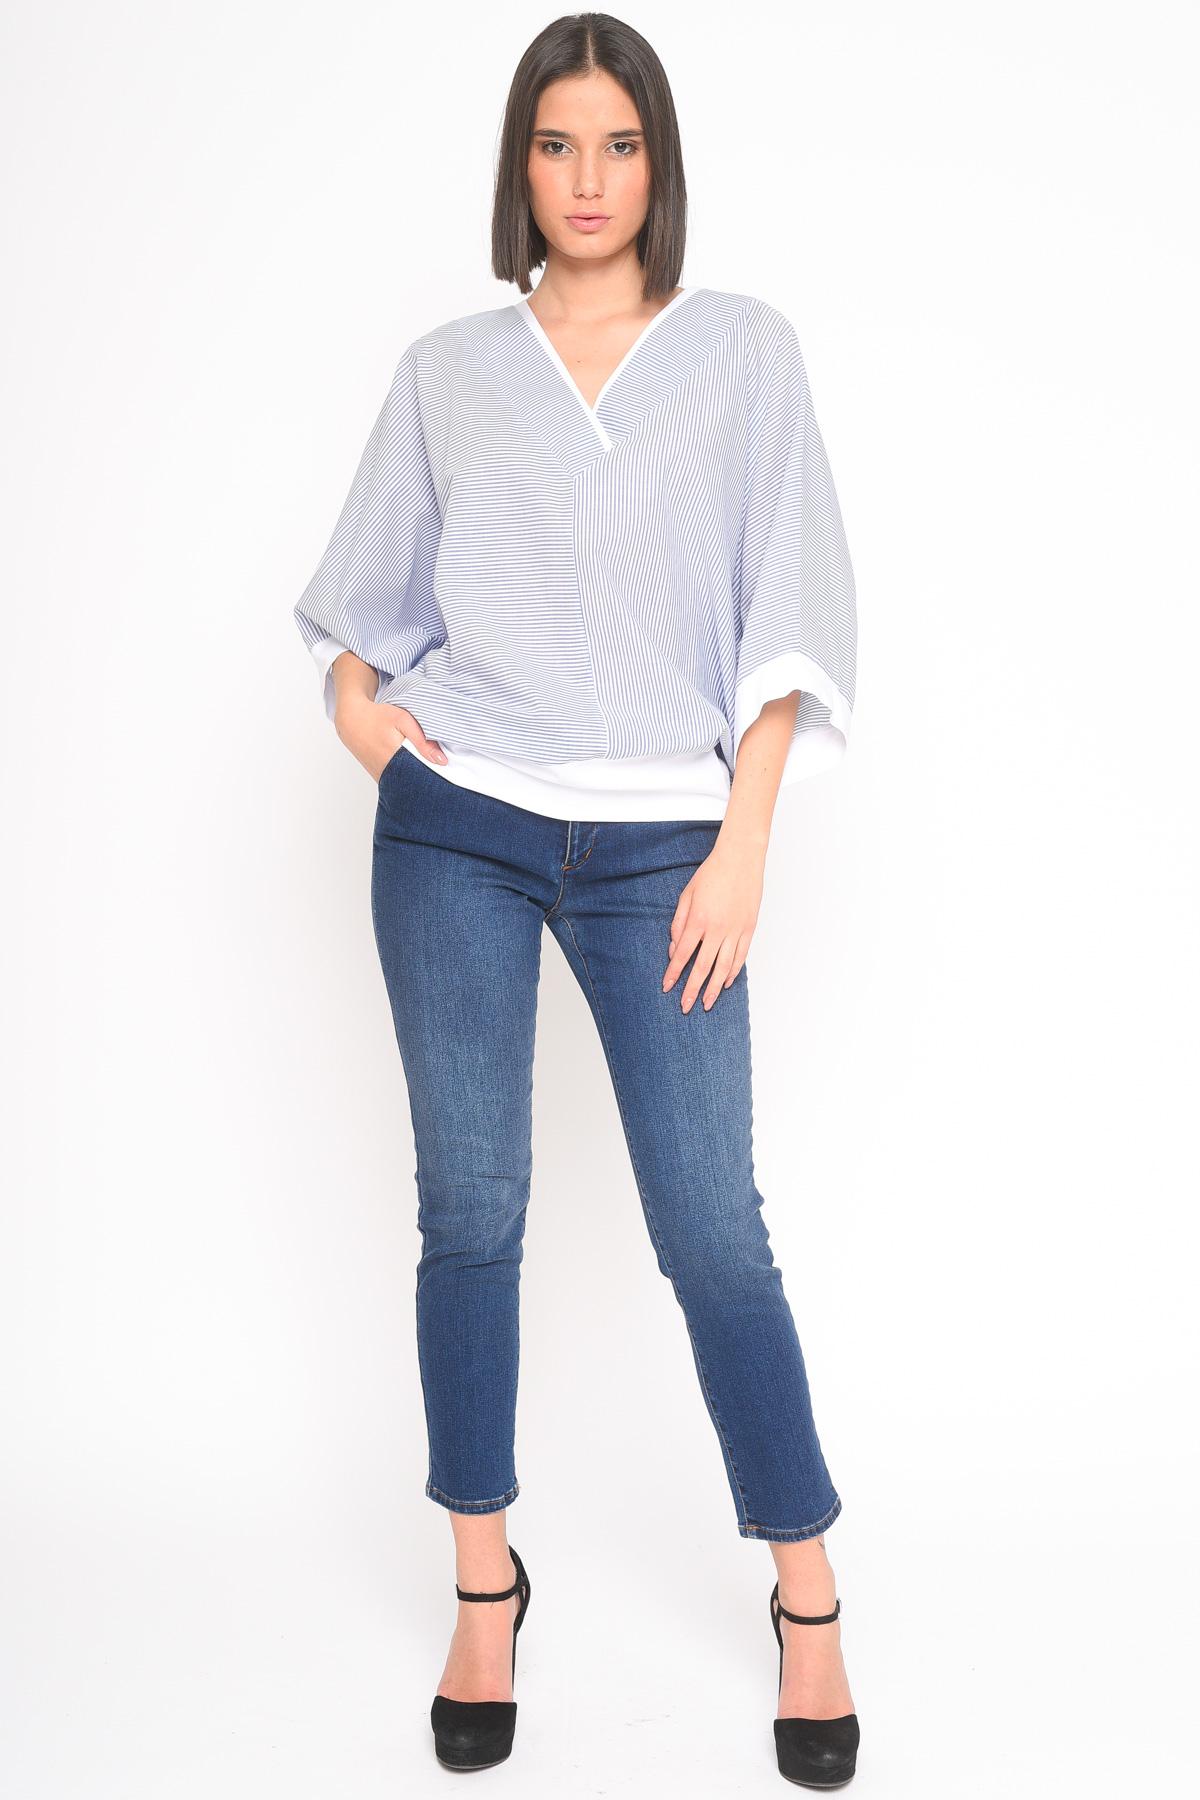 BLUSA A KIMONO IN COTONE RIGATO for women - BLUE - Paquito Pronto Moda Shop Online